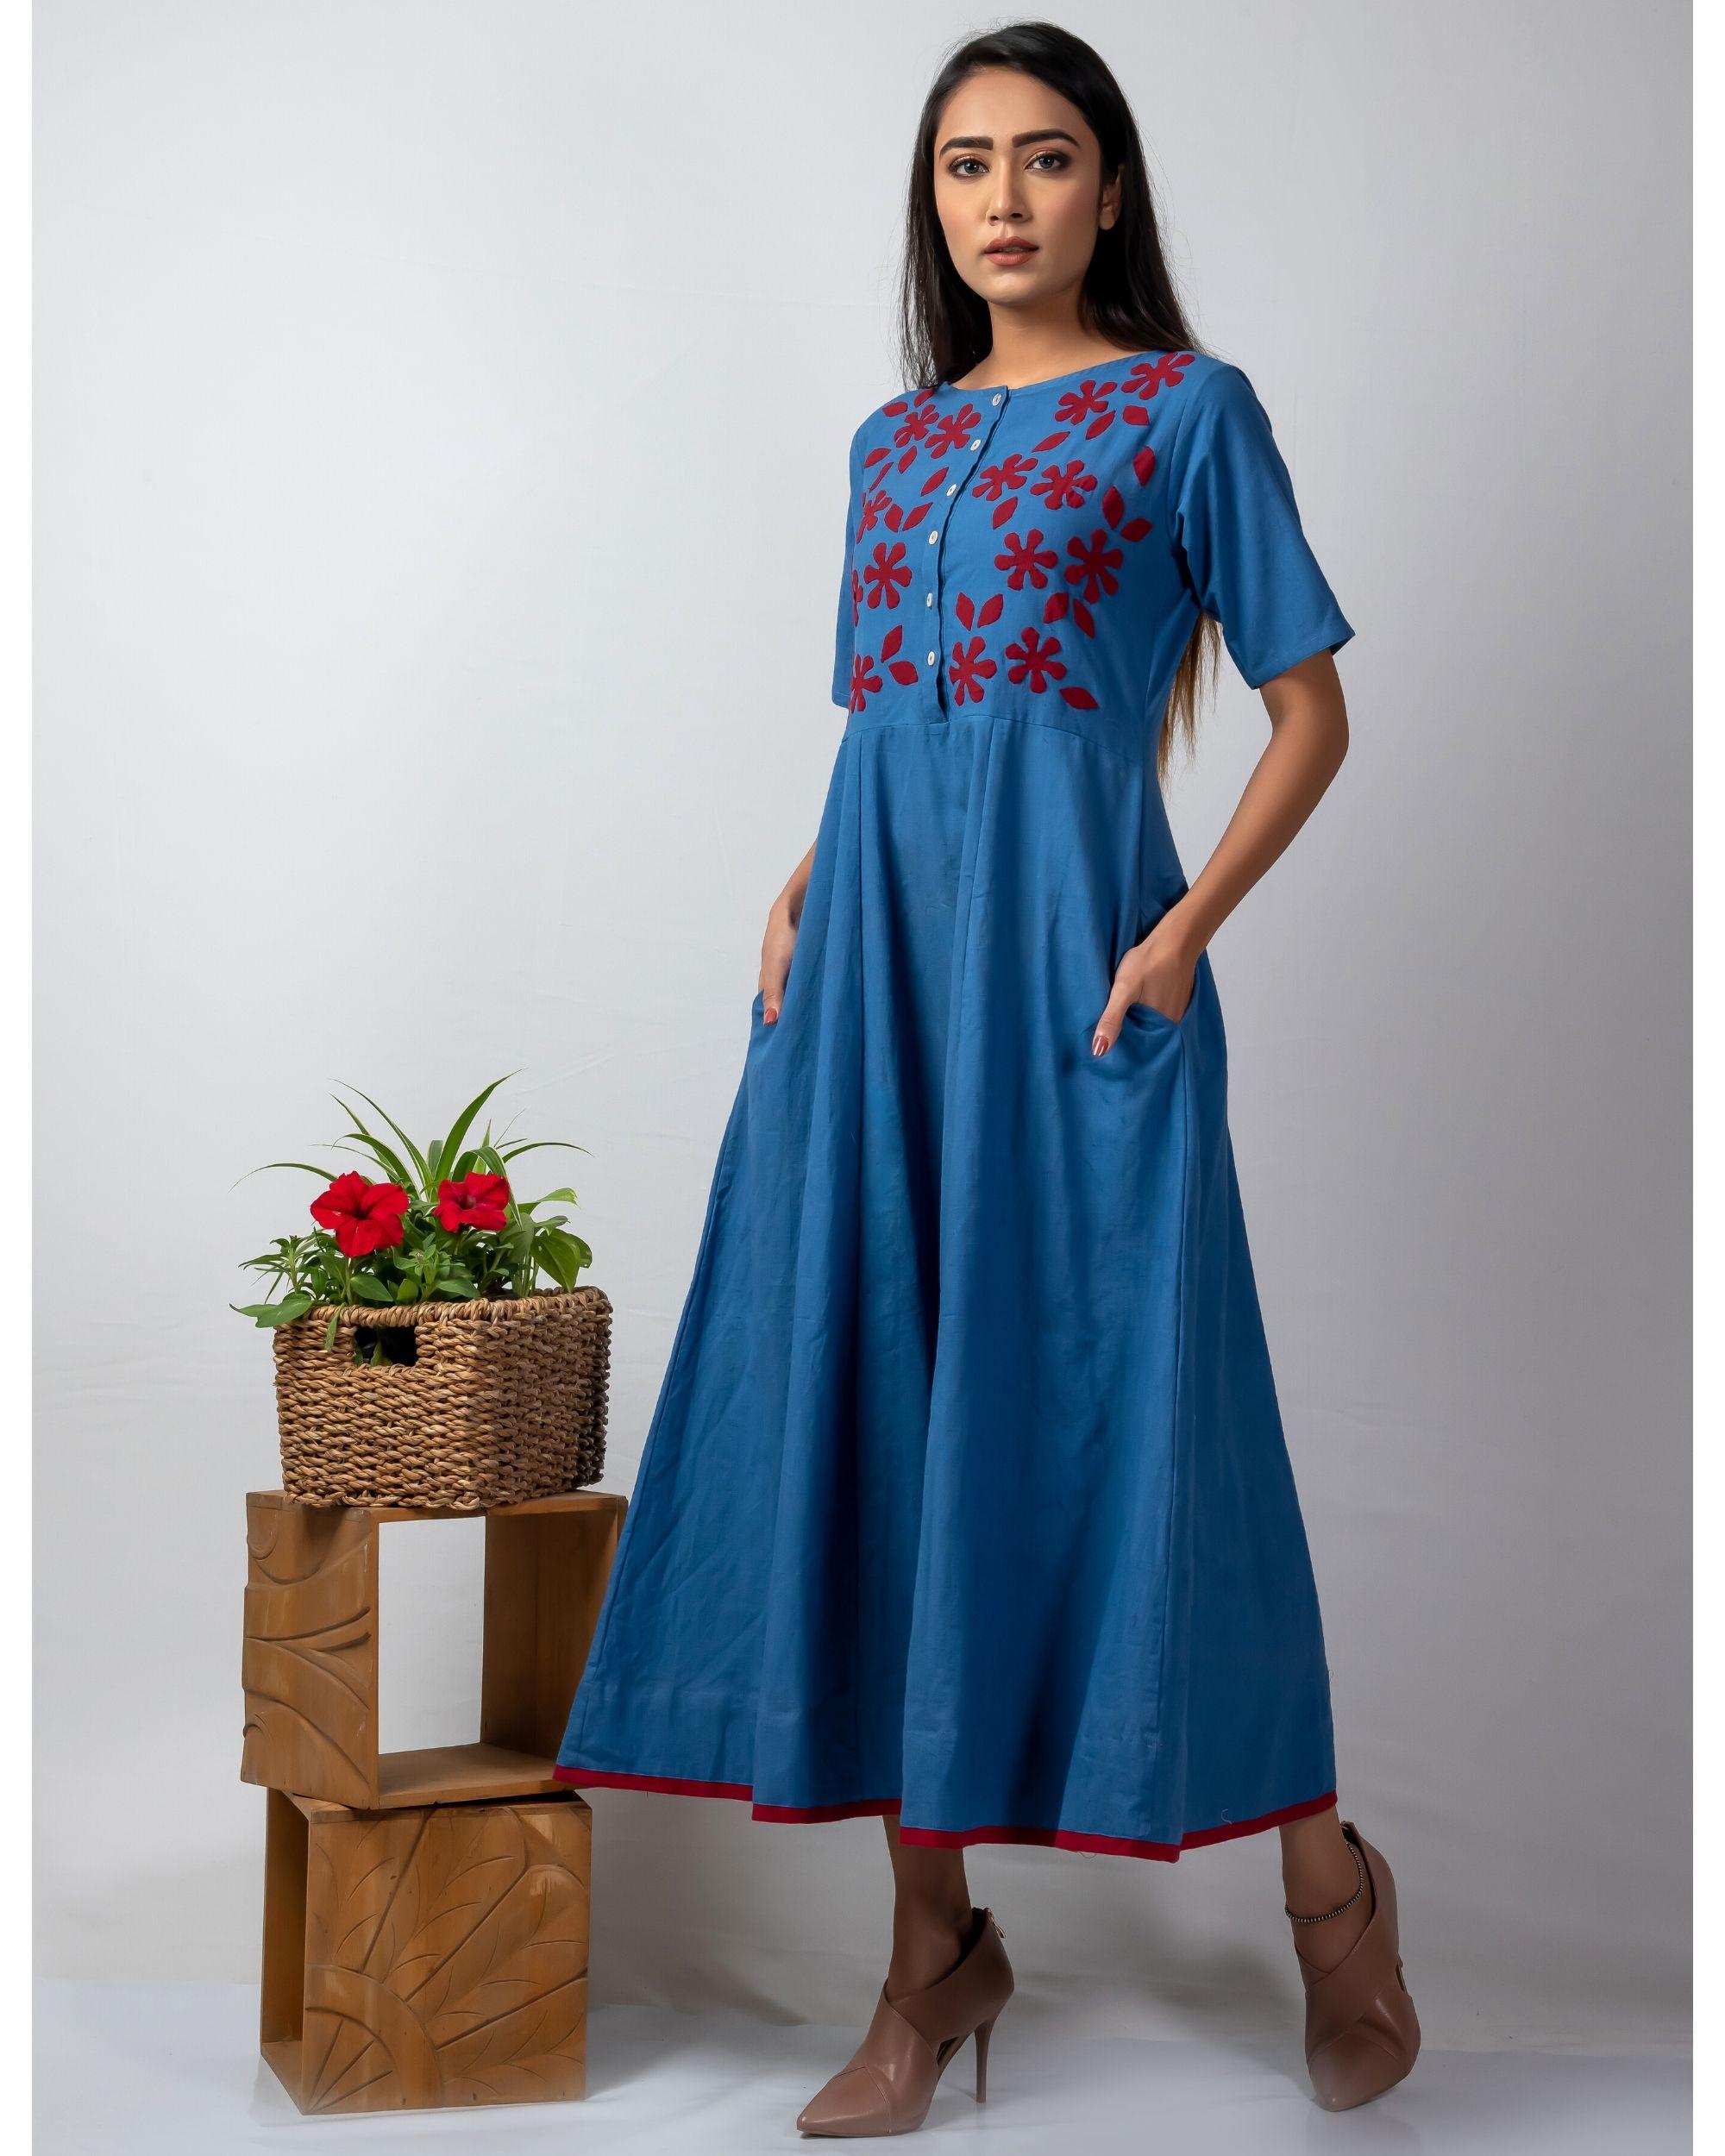 Blue floral applique buttoned kalidaar kurta